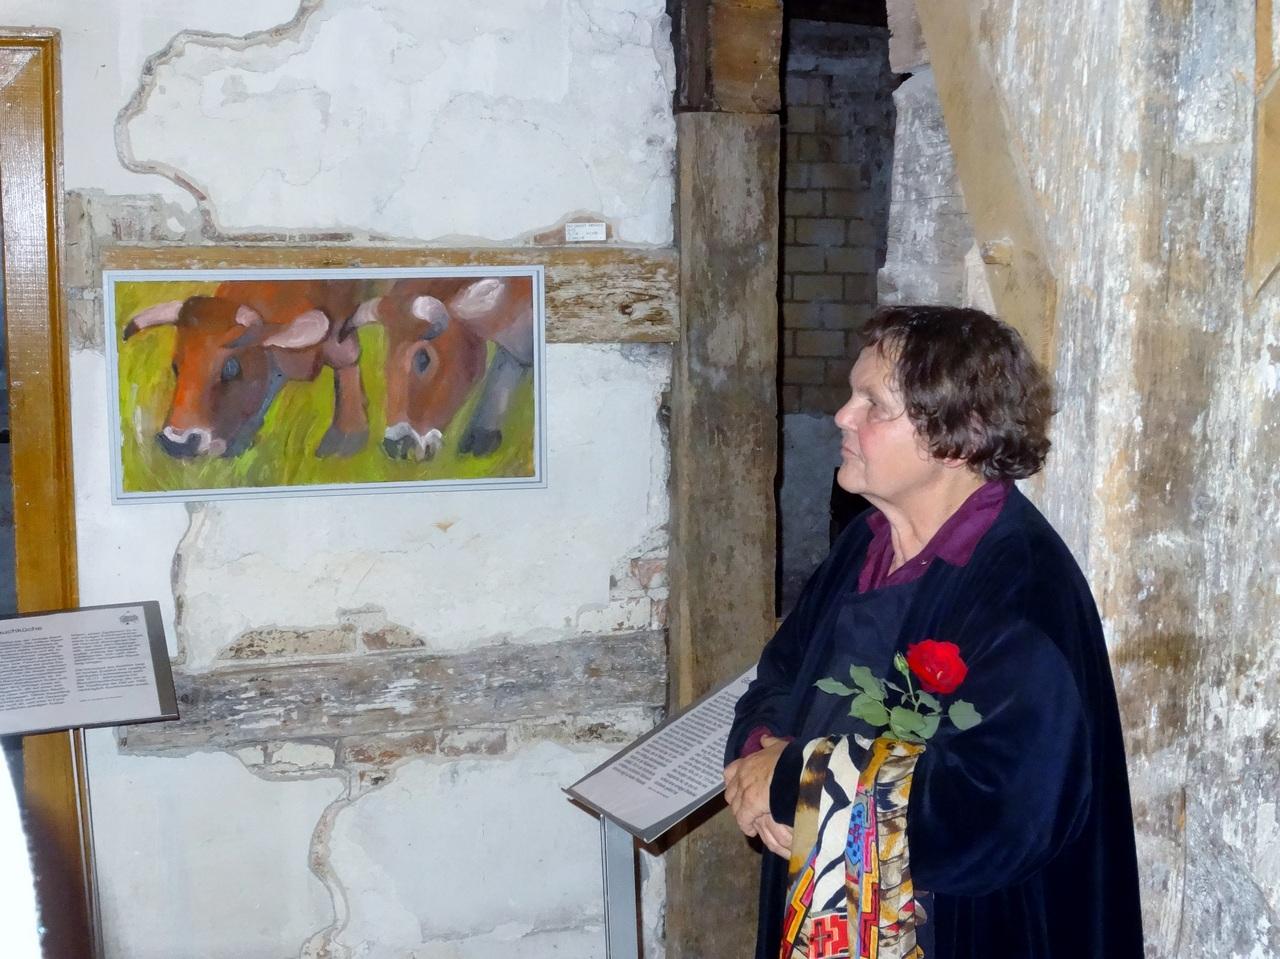 Die Künstlerin Dorothea Schrade